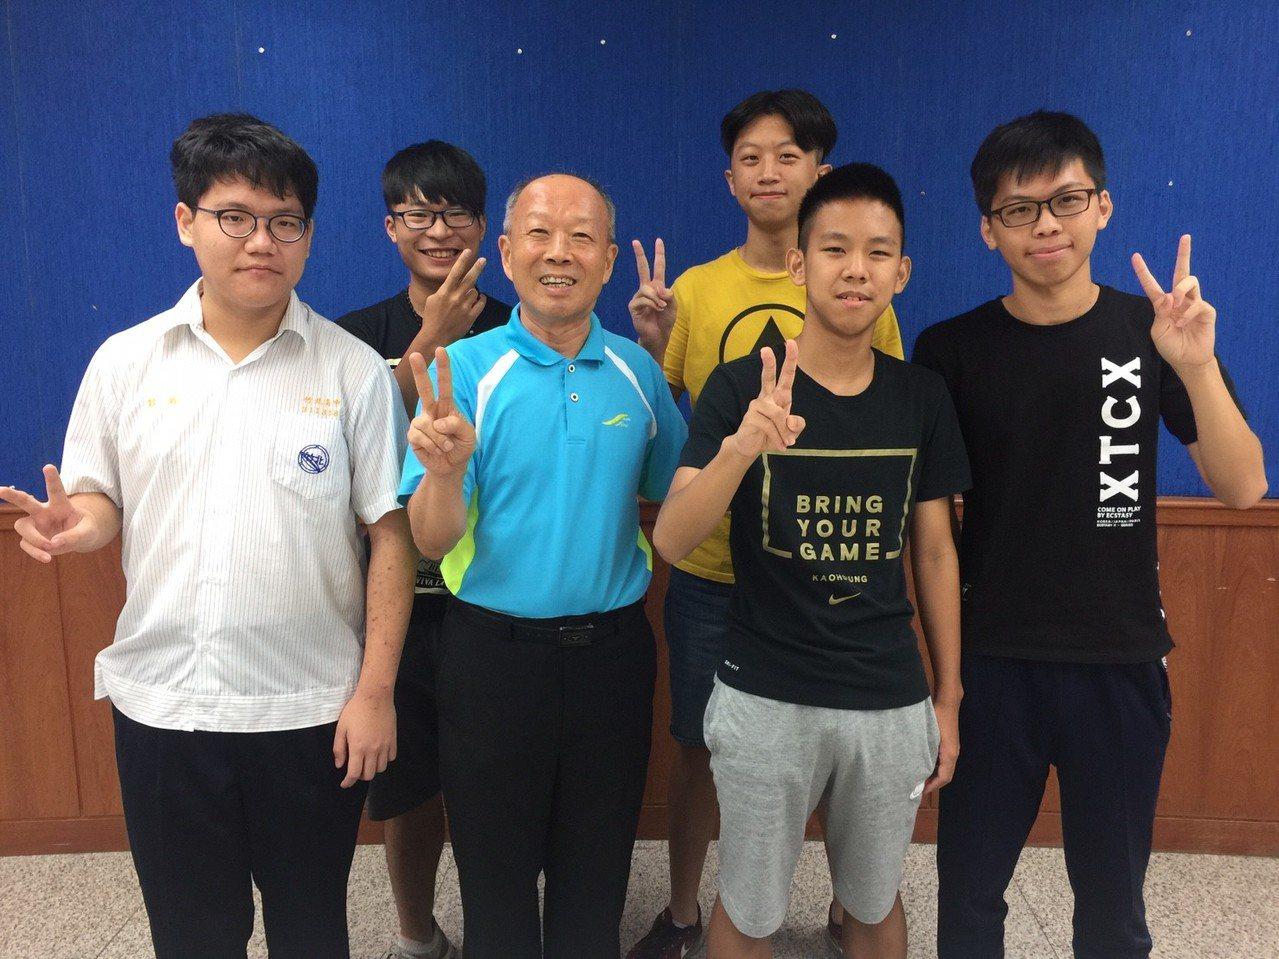 指考放榜,竹北高中開出漂亮榜單。記者郭宣彣/攝影